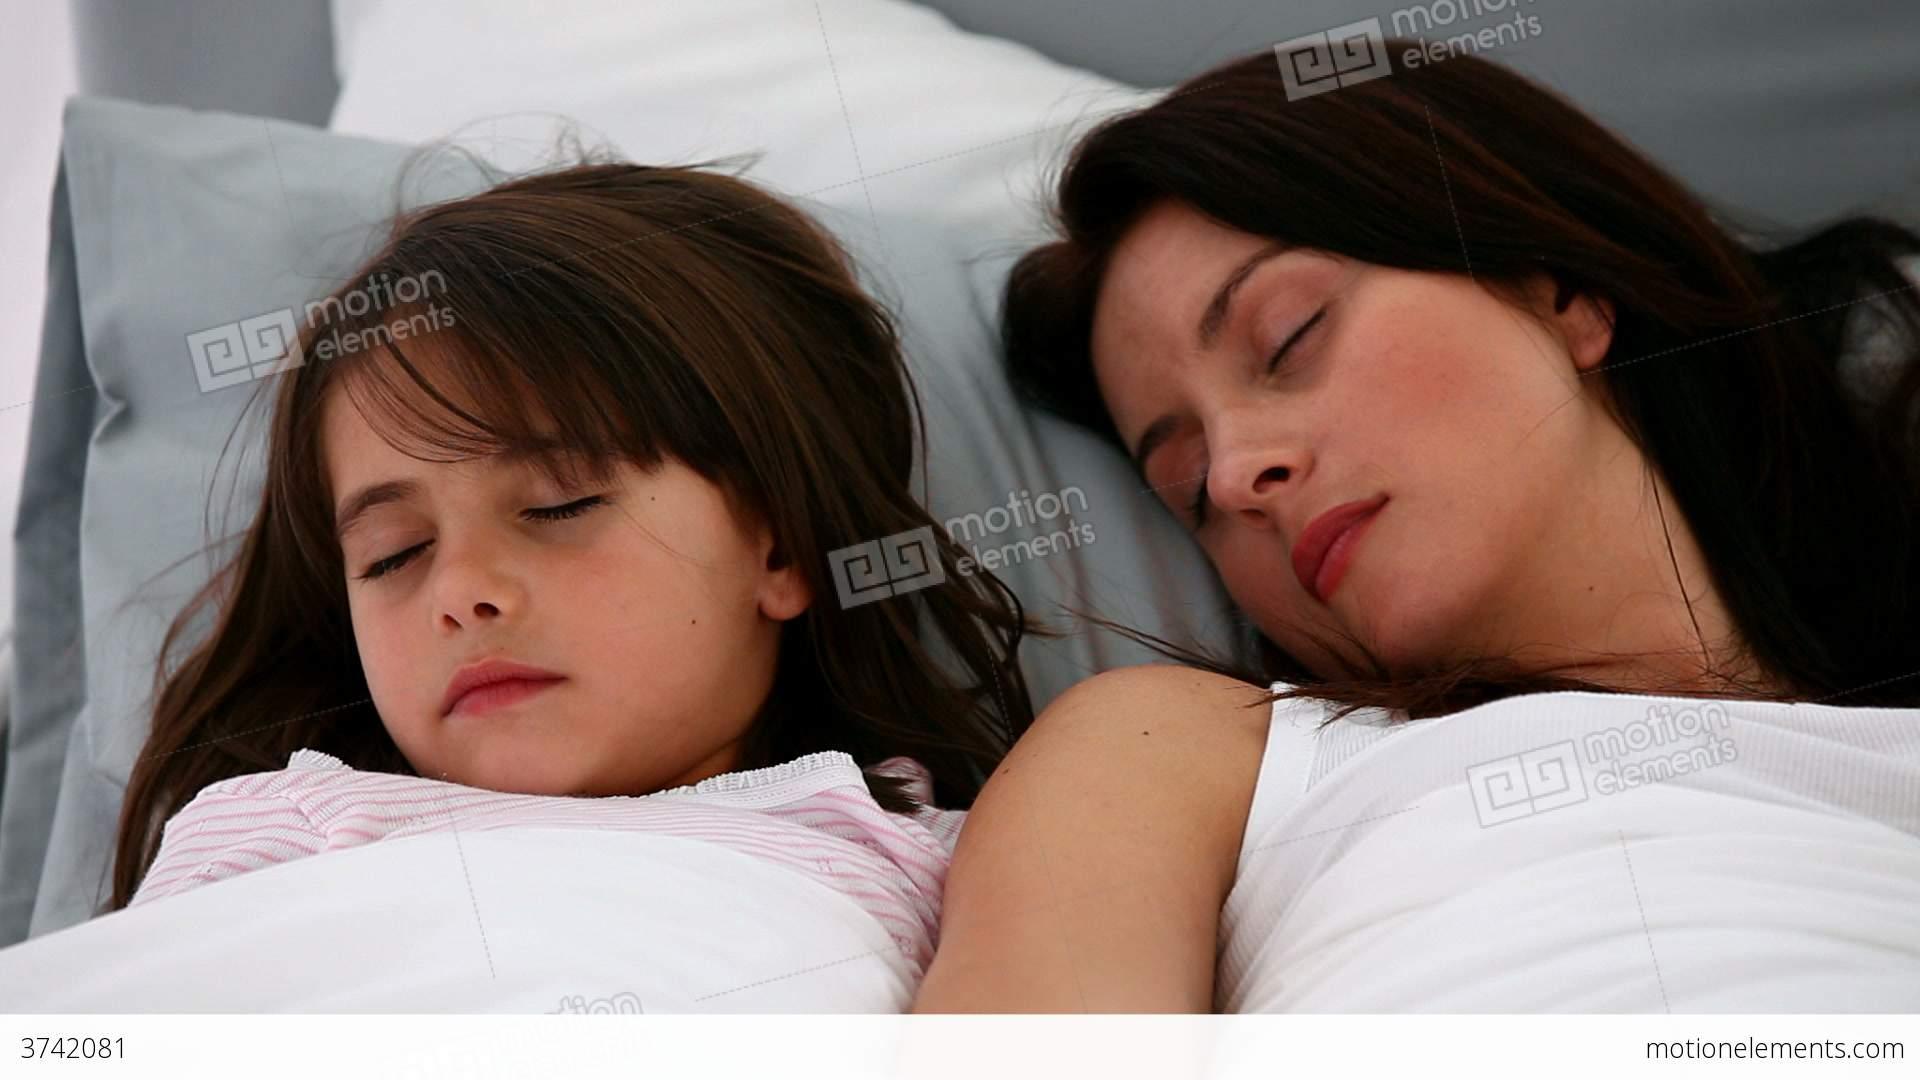 Сын подсматривал за спящей мамой смотреть бесплатно, Сын подглядел за тренировкой мамы и трахнул ее порно 11 фотография